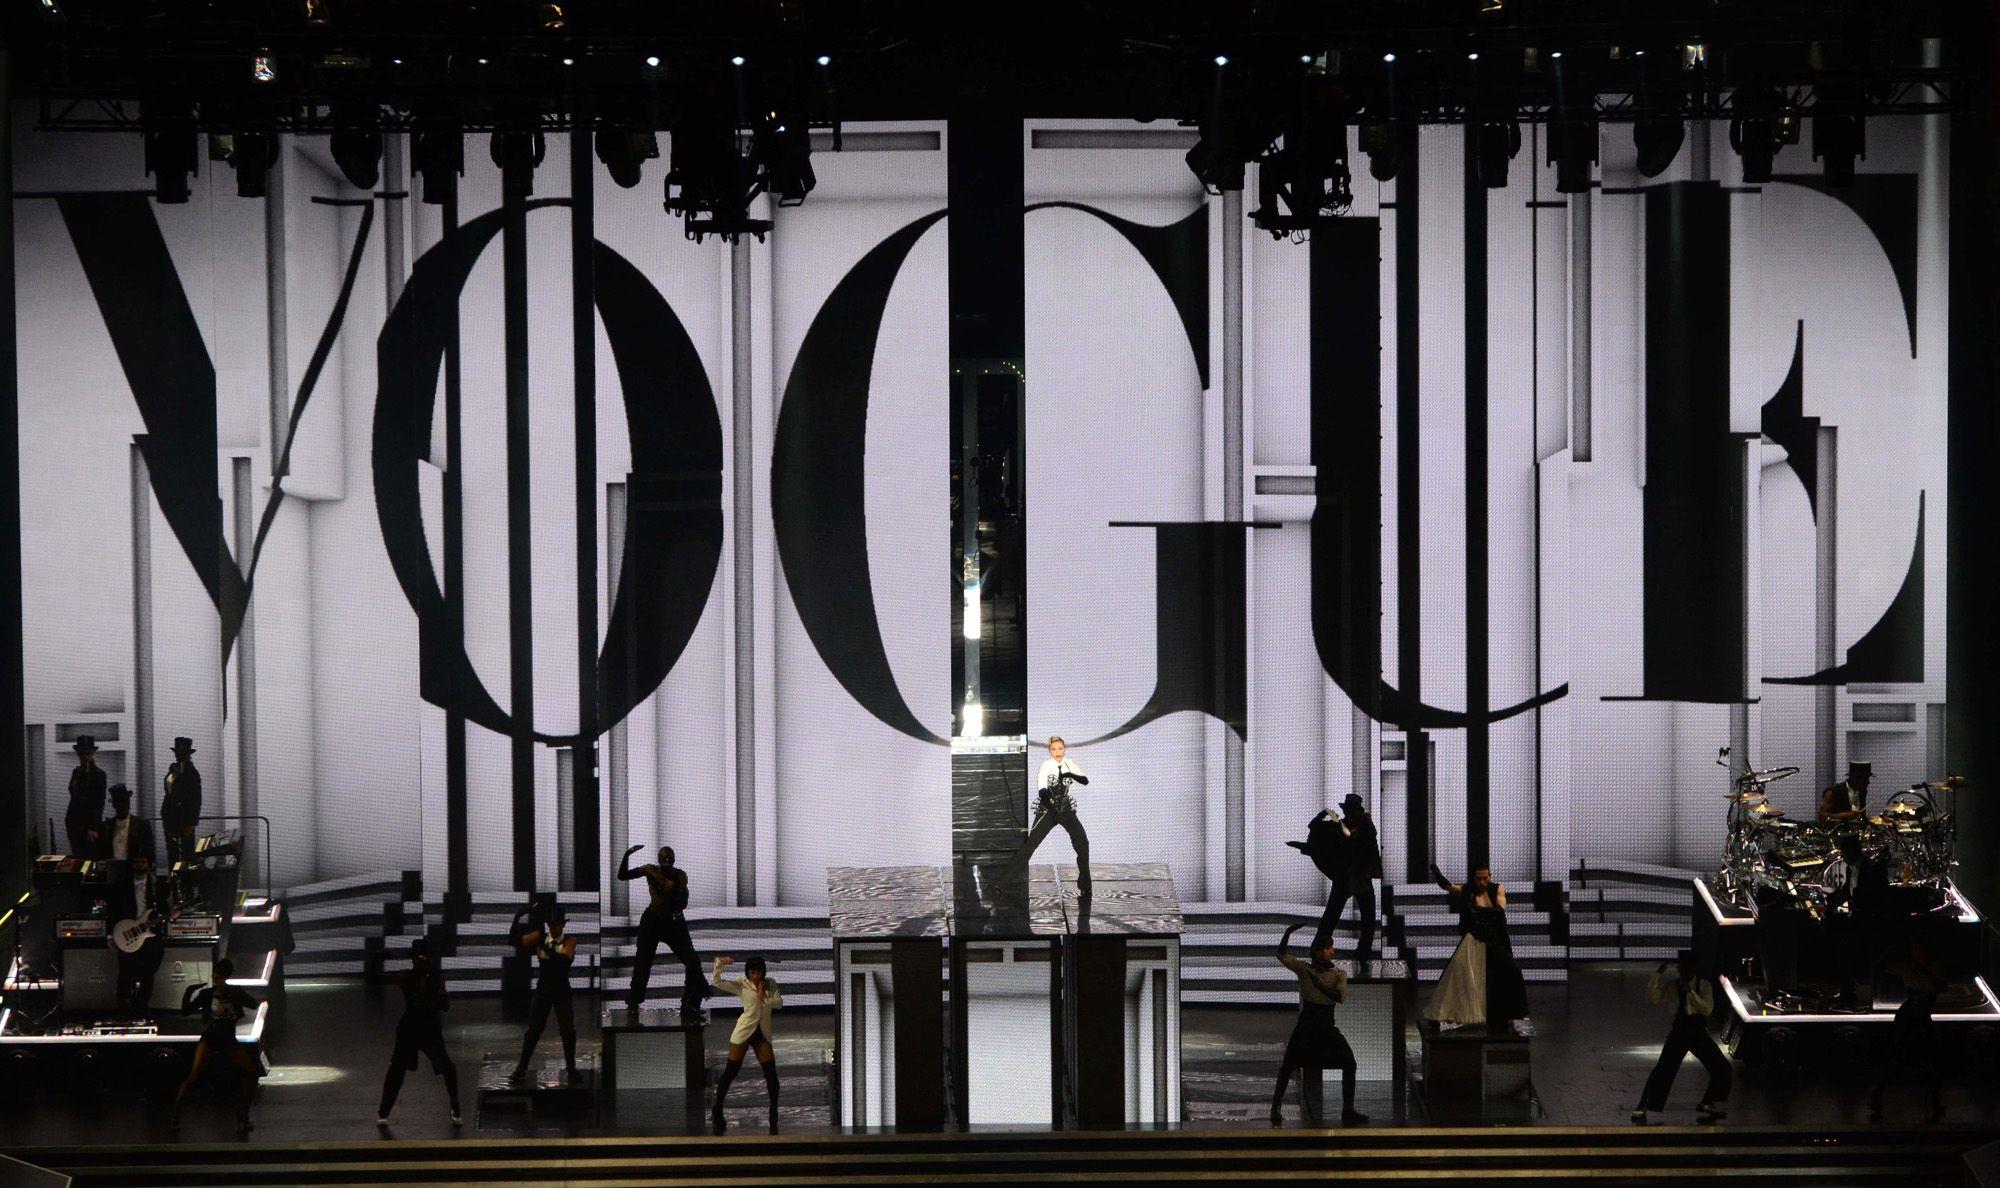 Fecha de lanzamiento del MDNA Tour DVD & Blu-Ray